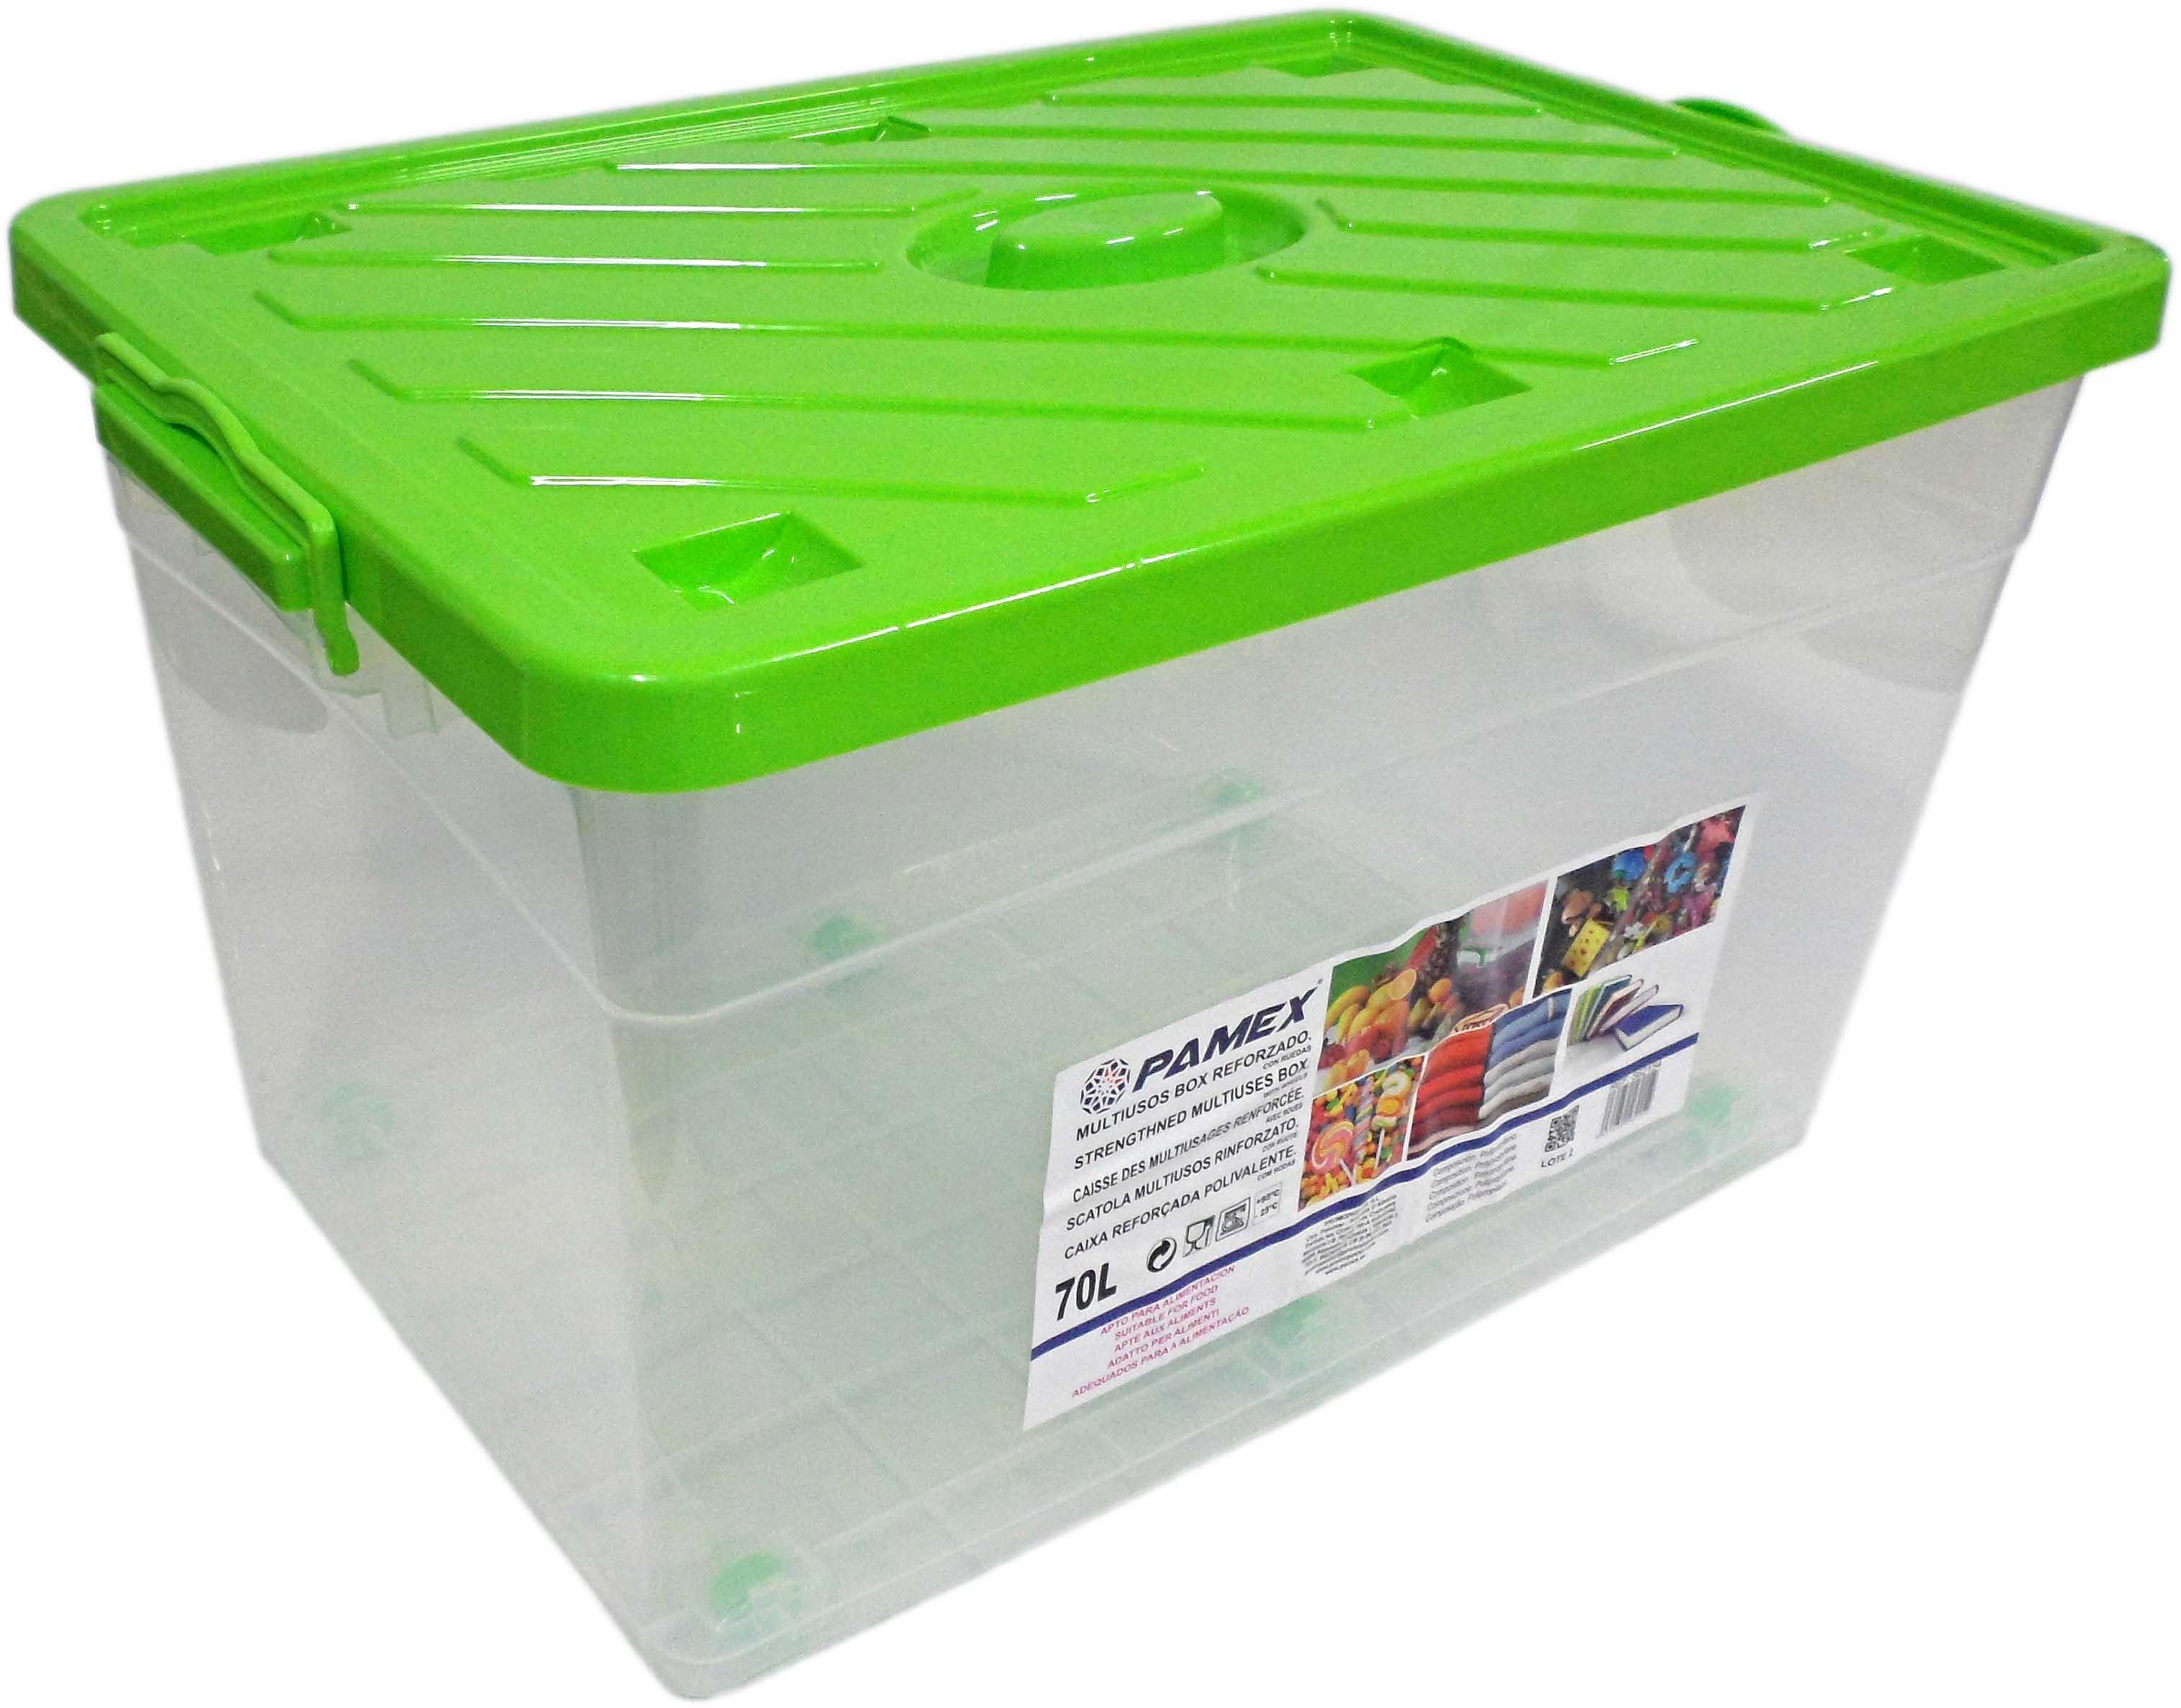 MULTIUSOS BOX REFORZADO C/RUEDAS VERDE 70L